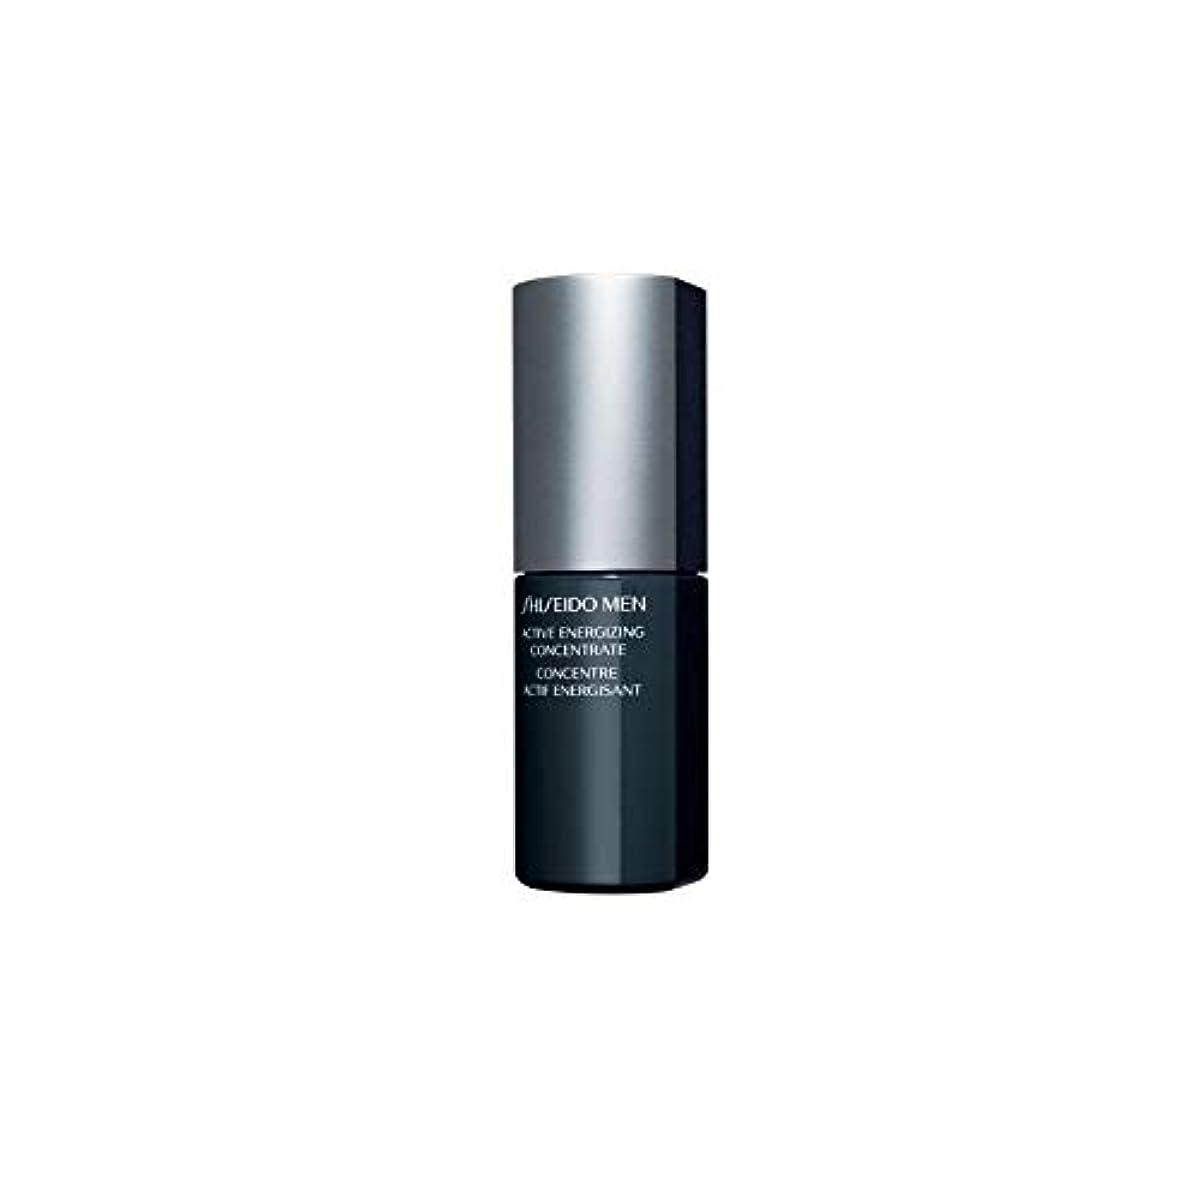 余分なヒゲロビー[Shiseido ] 資生堂メンズアクティブ通電濃縮液(50ミリリットル) - Shiseido Mens Active Energizing Concentrate (50ml) [並行輸入品]